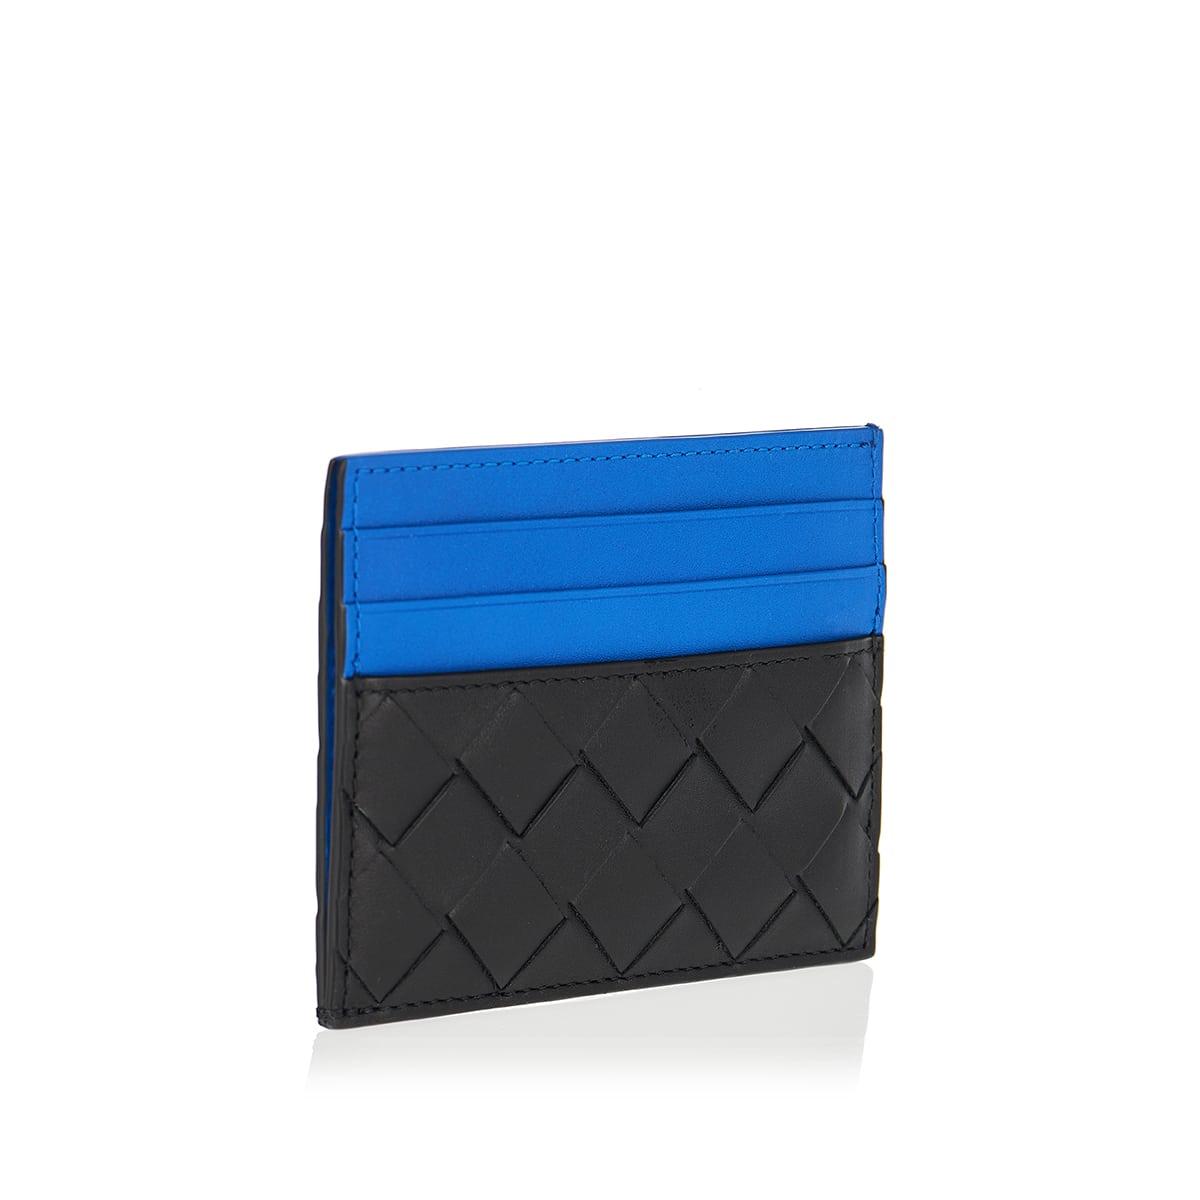 Two-tone Intrecciato leather card case